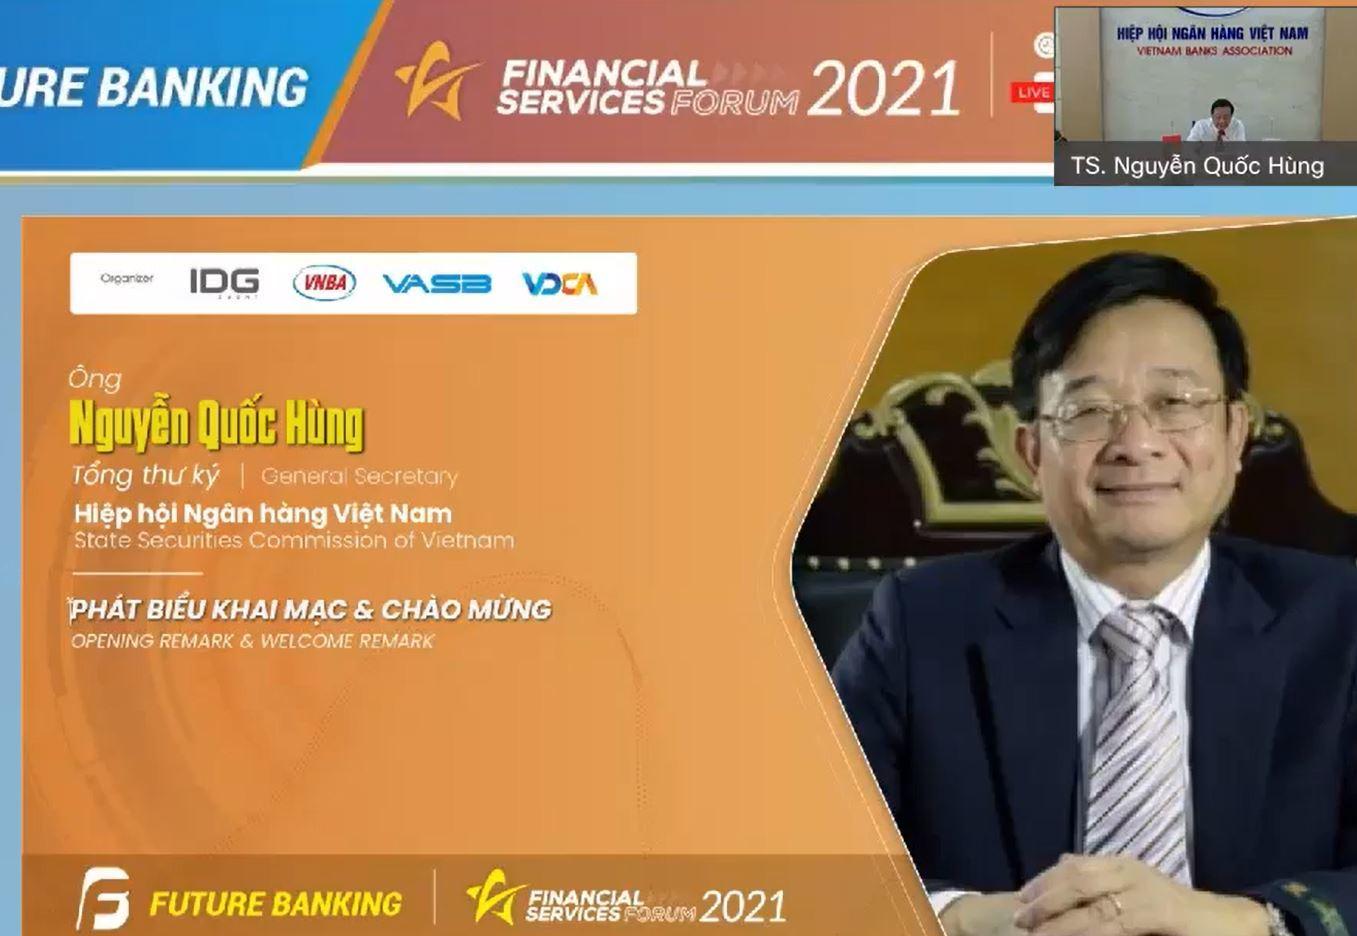 Chuyển đổi số tại các ngân hàng chưa có tính tổng thể